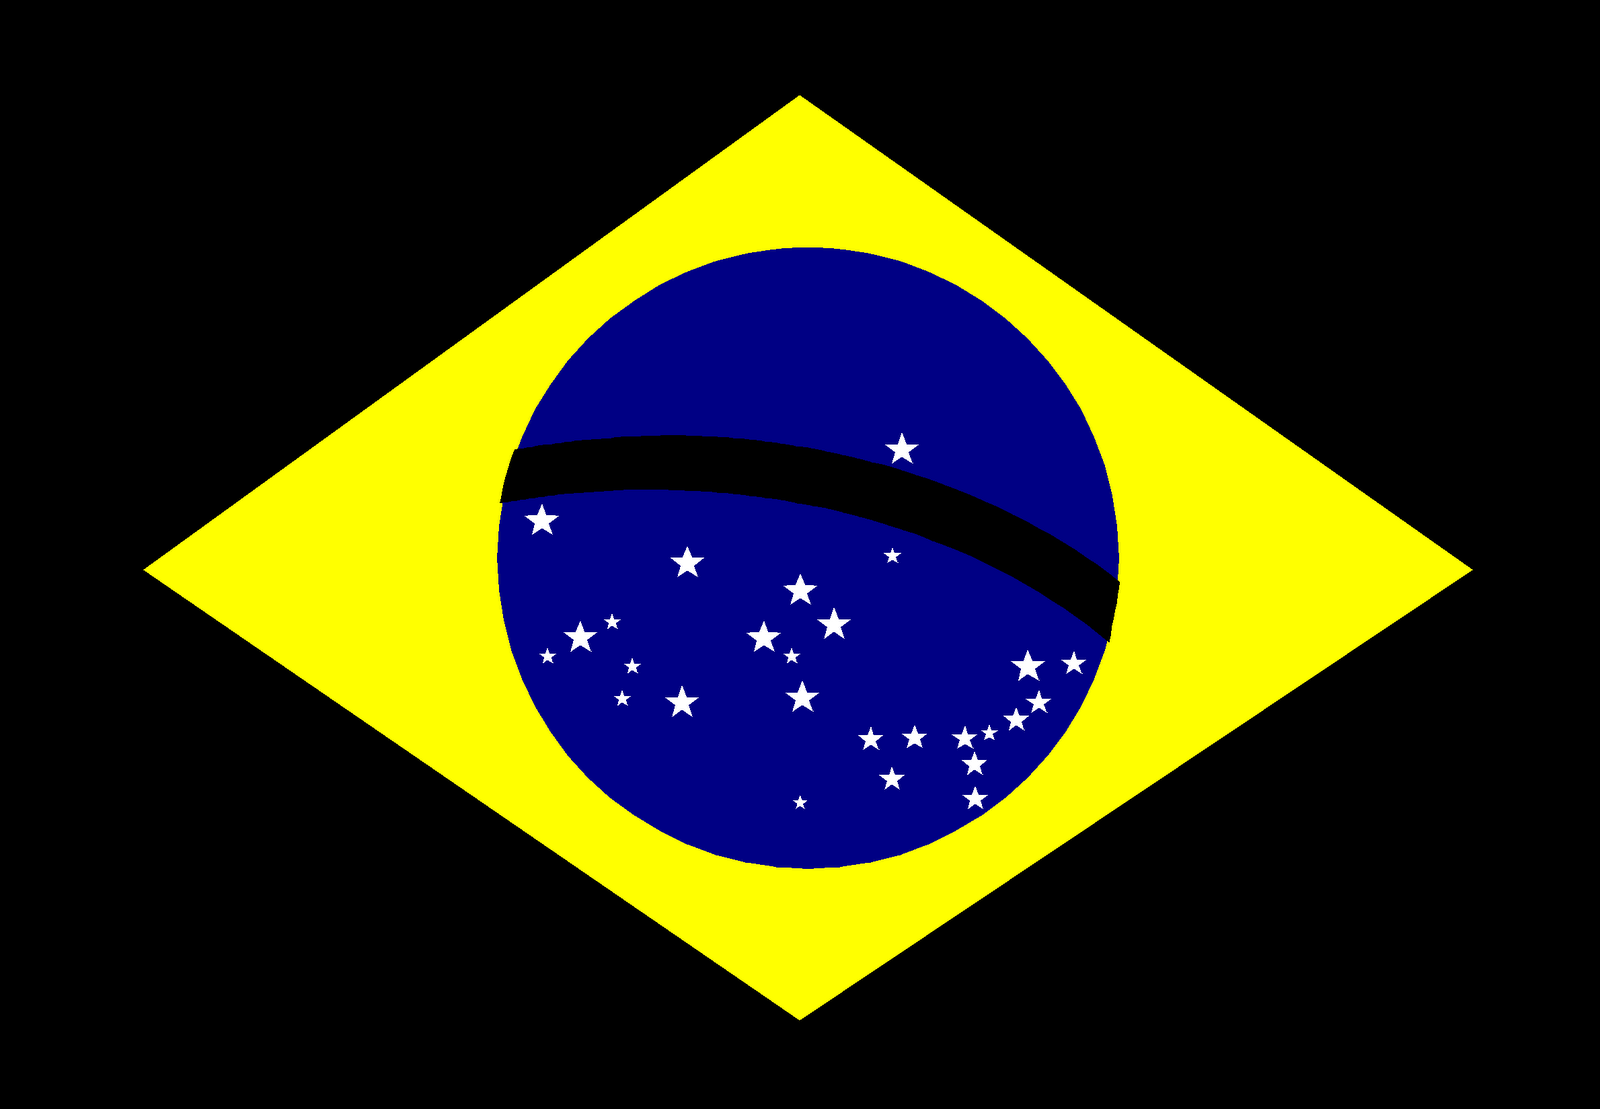 Movimento brasil de luto esta fazendo protesto no WhatsApp